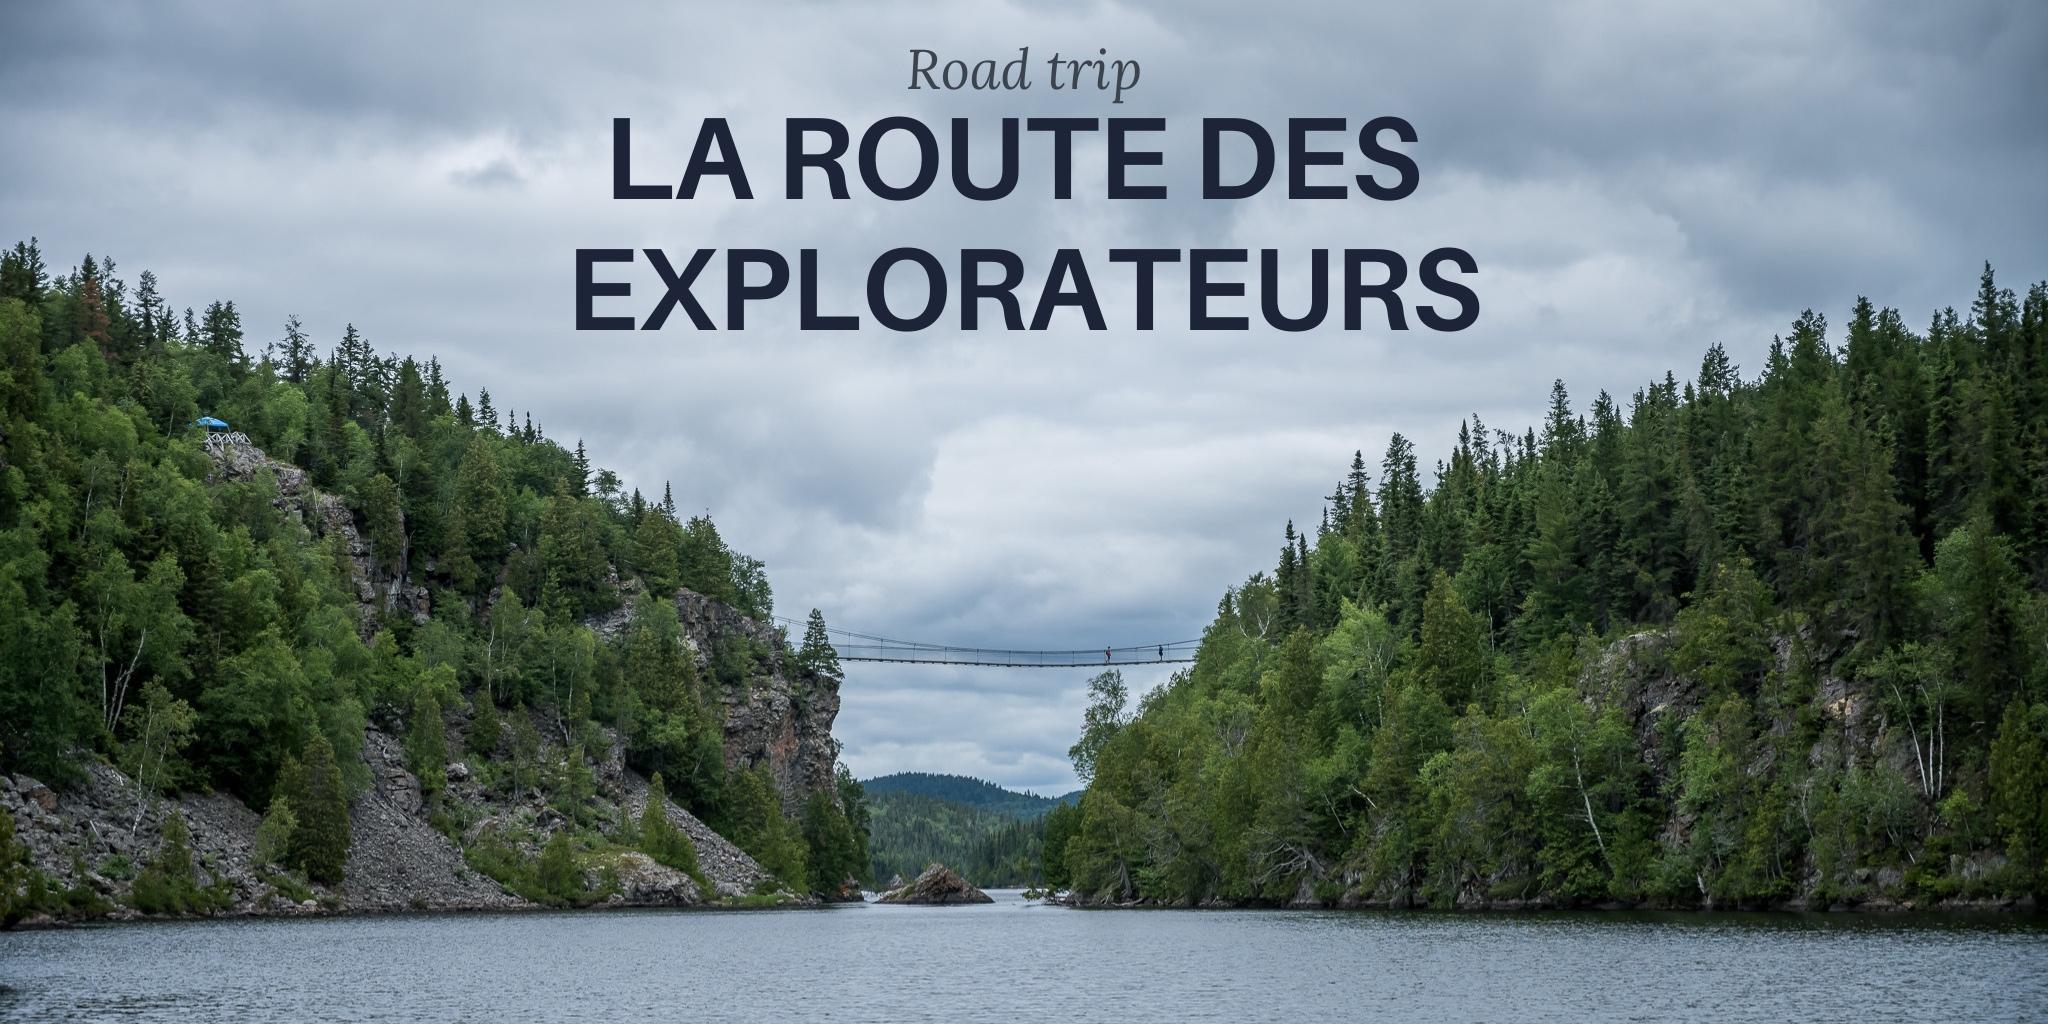 route des explorateurs